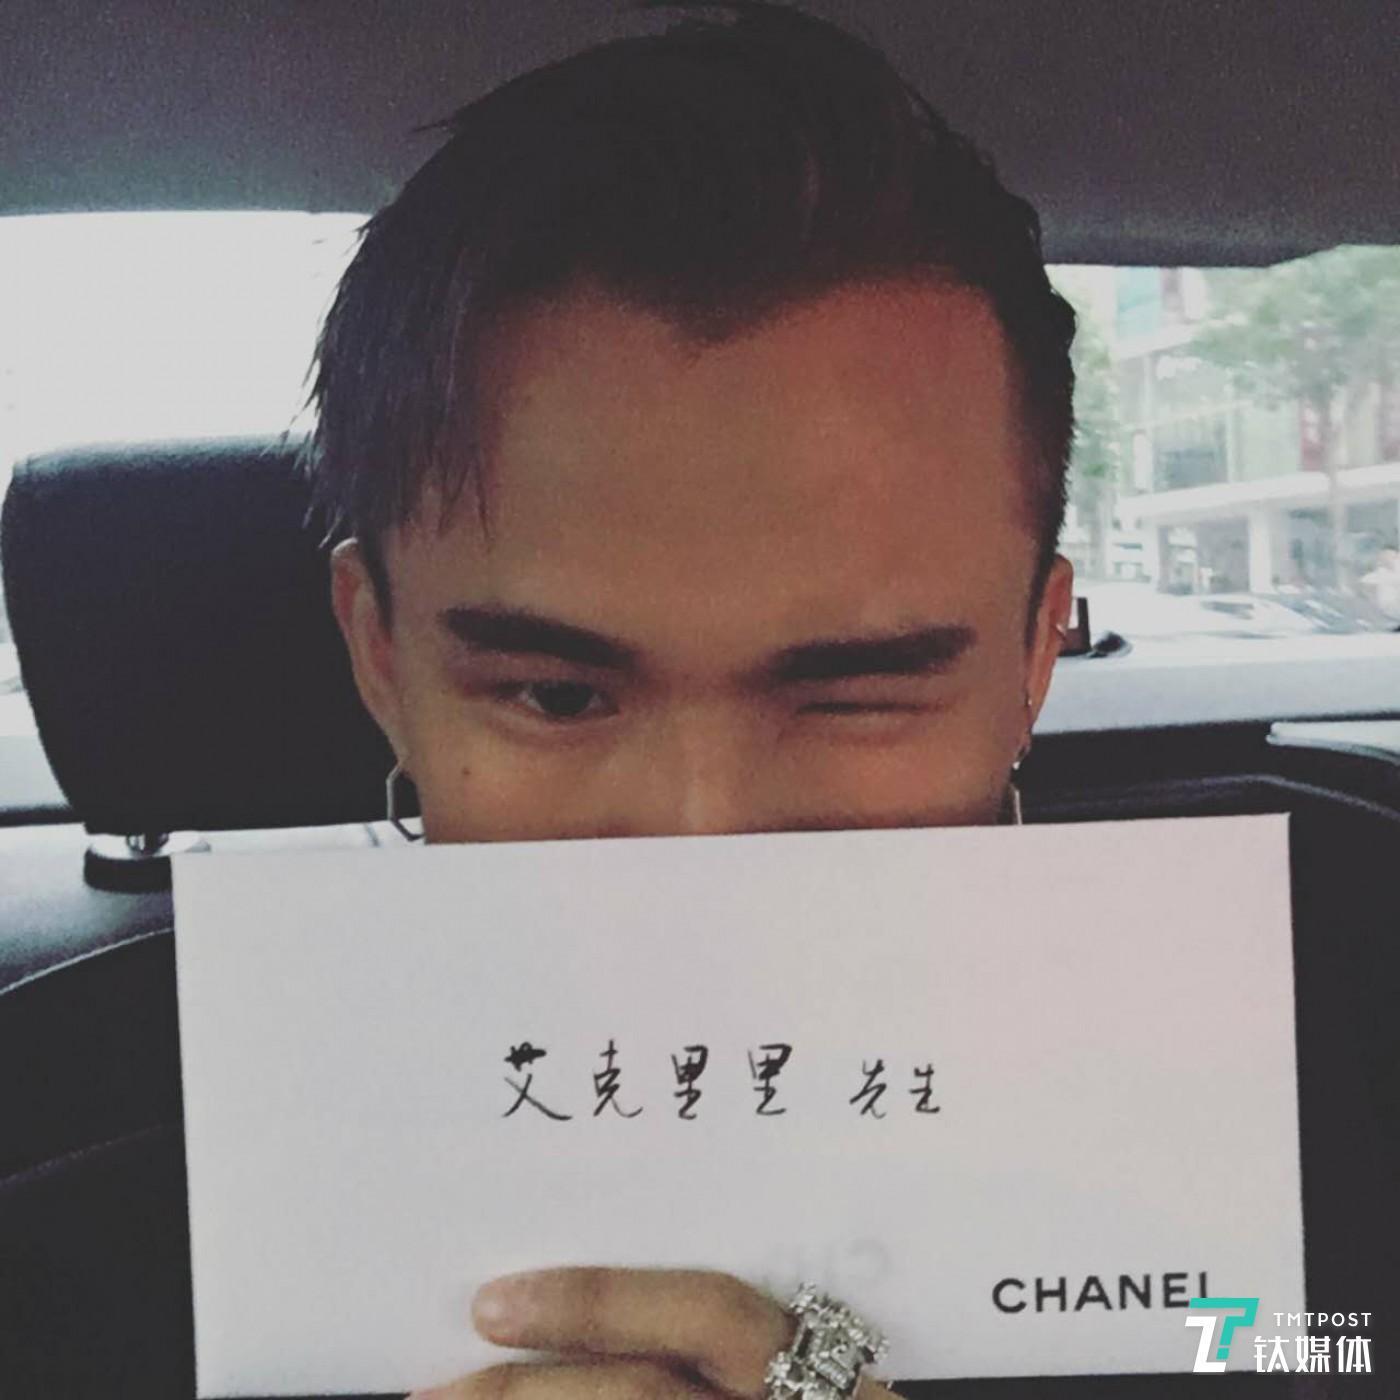 艾克里里在微博上晒出来自CHANNEL品牌某活动邀请函